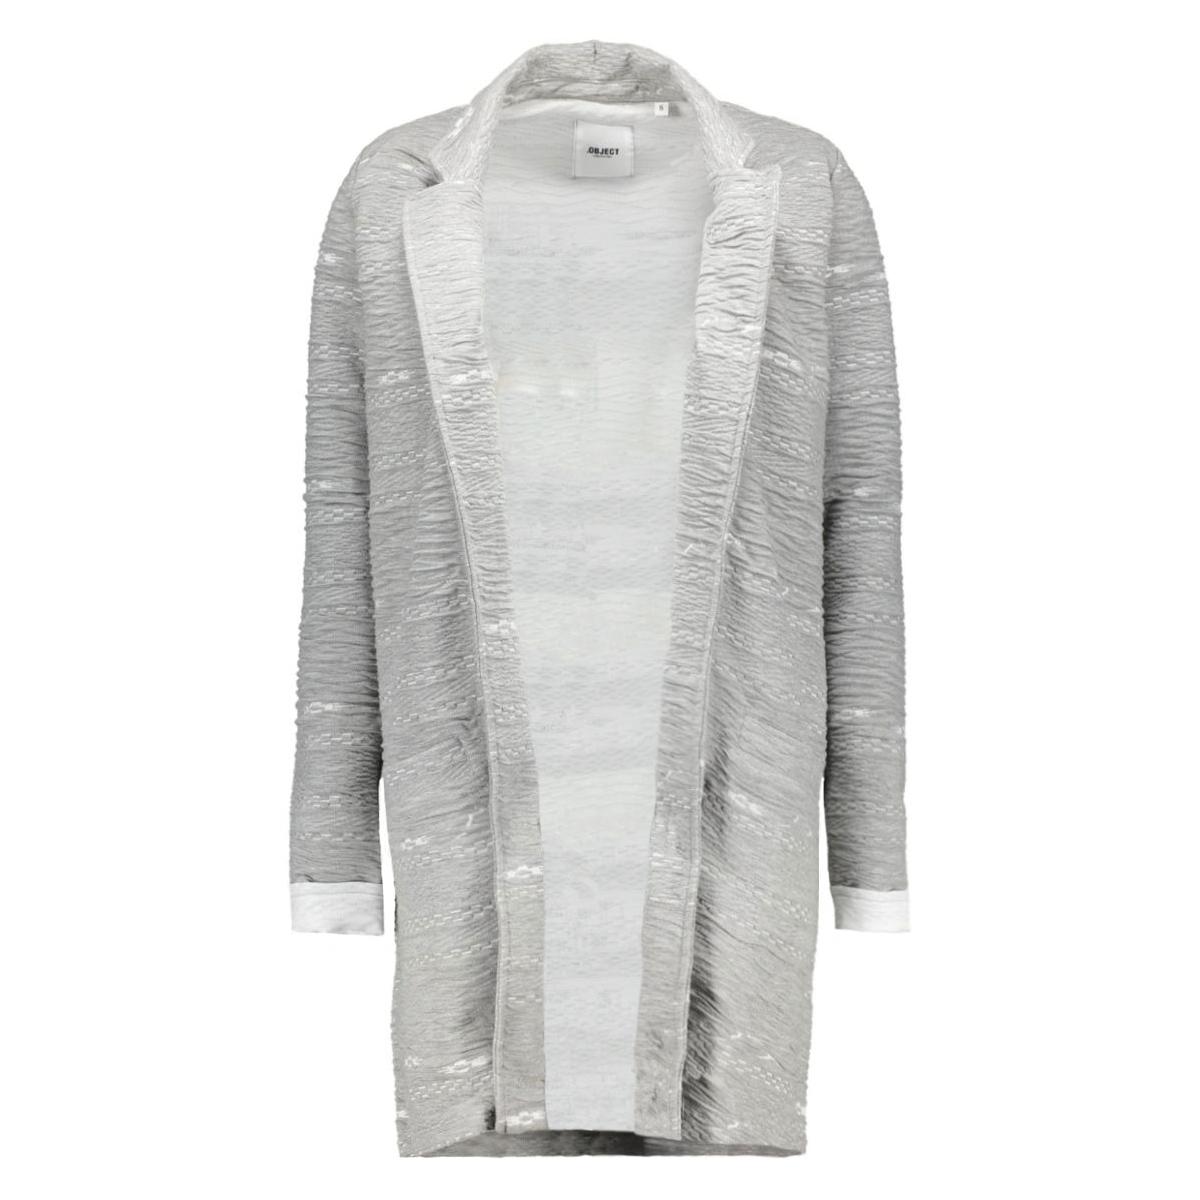 objestha long l/s blazer 23023025 object vest light grey melange